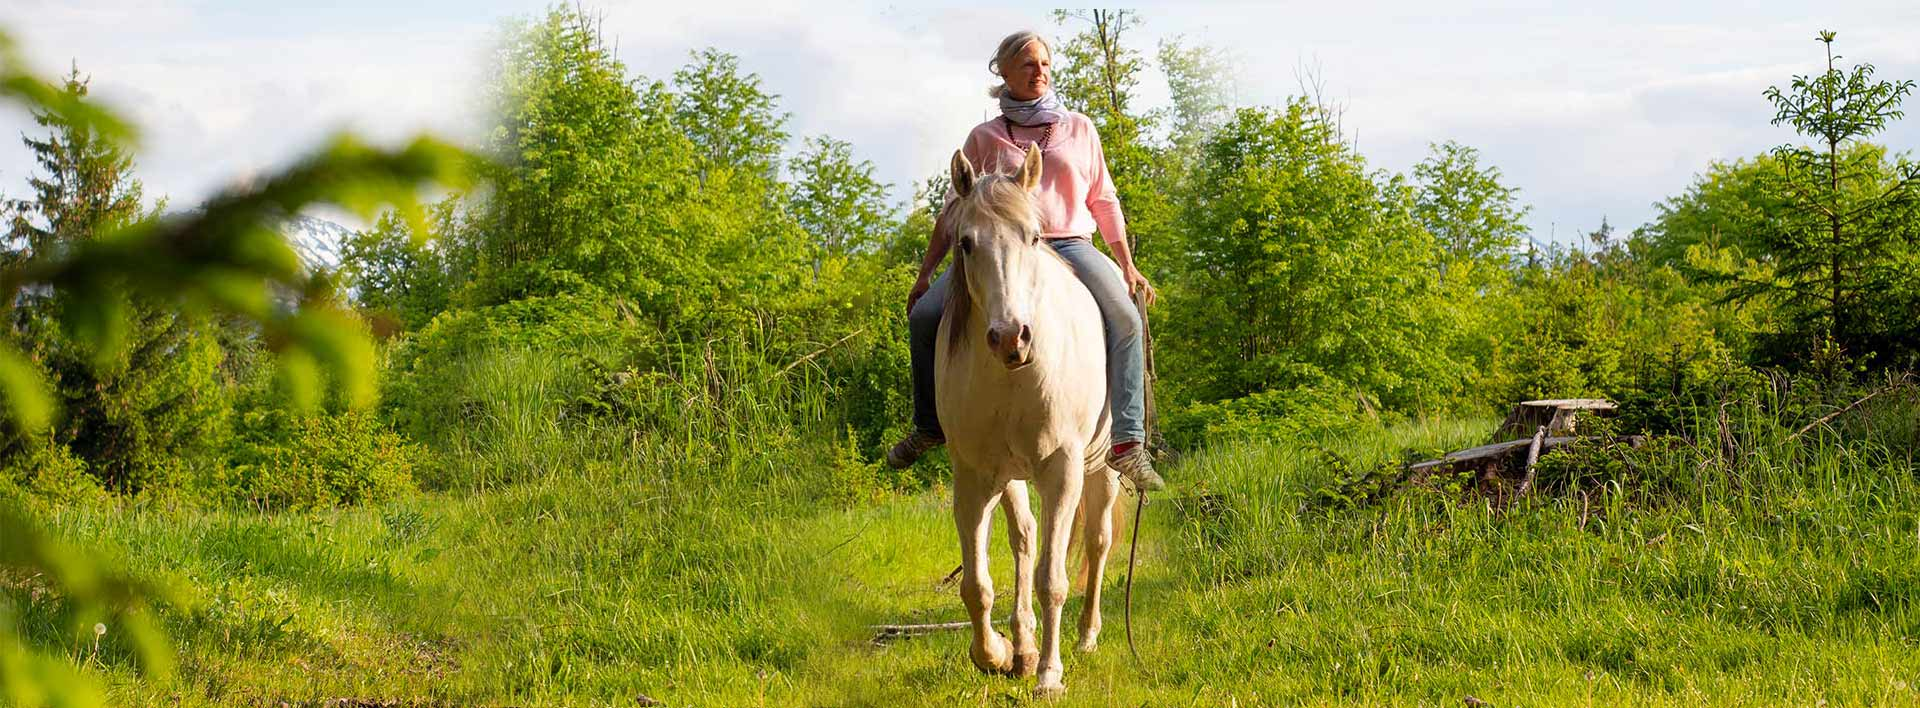 Yoga und Reiten - Yoga und Pferd mit Sonja Schett im Chiemgau